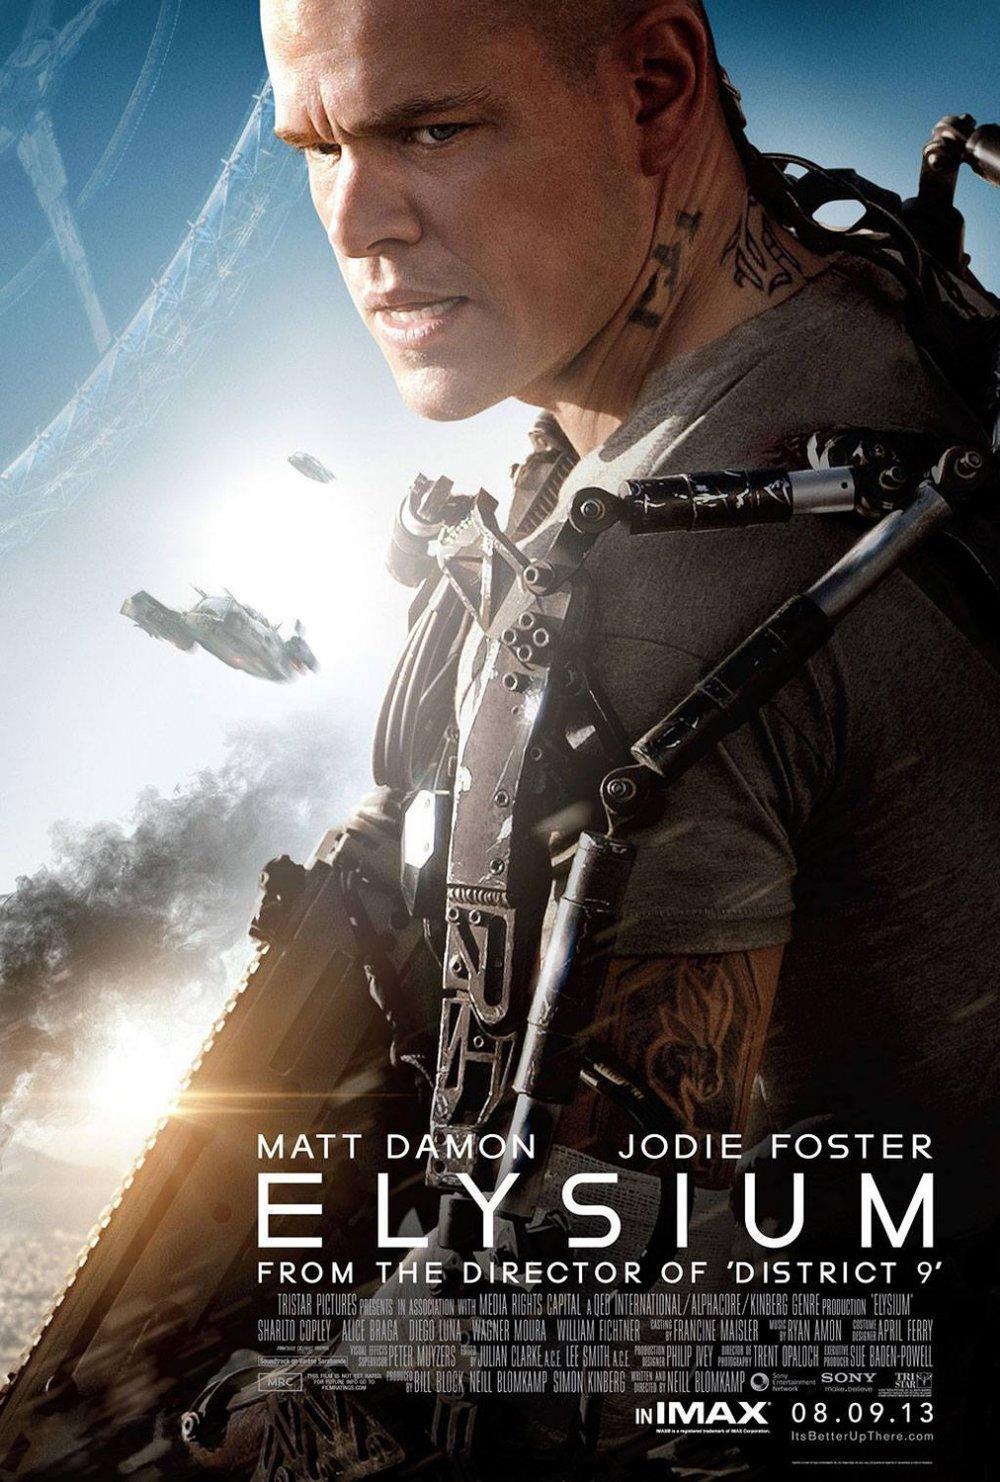 elysium-movie-poster.jpg